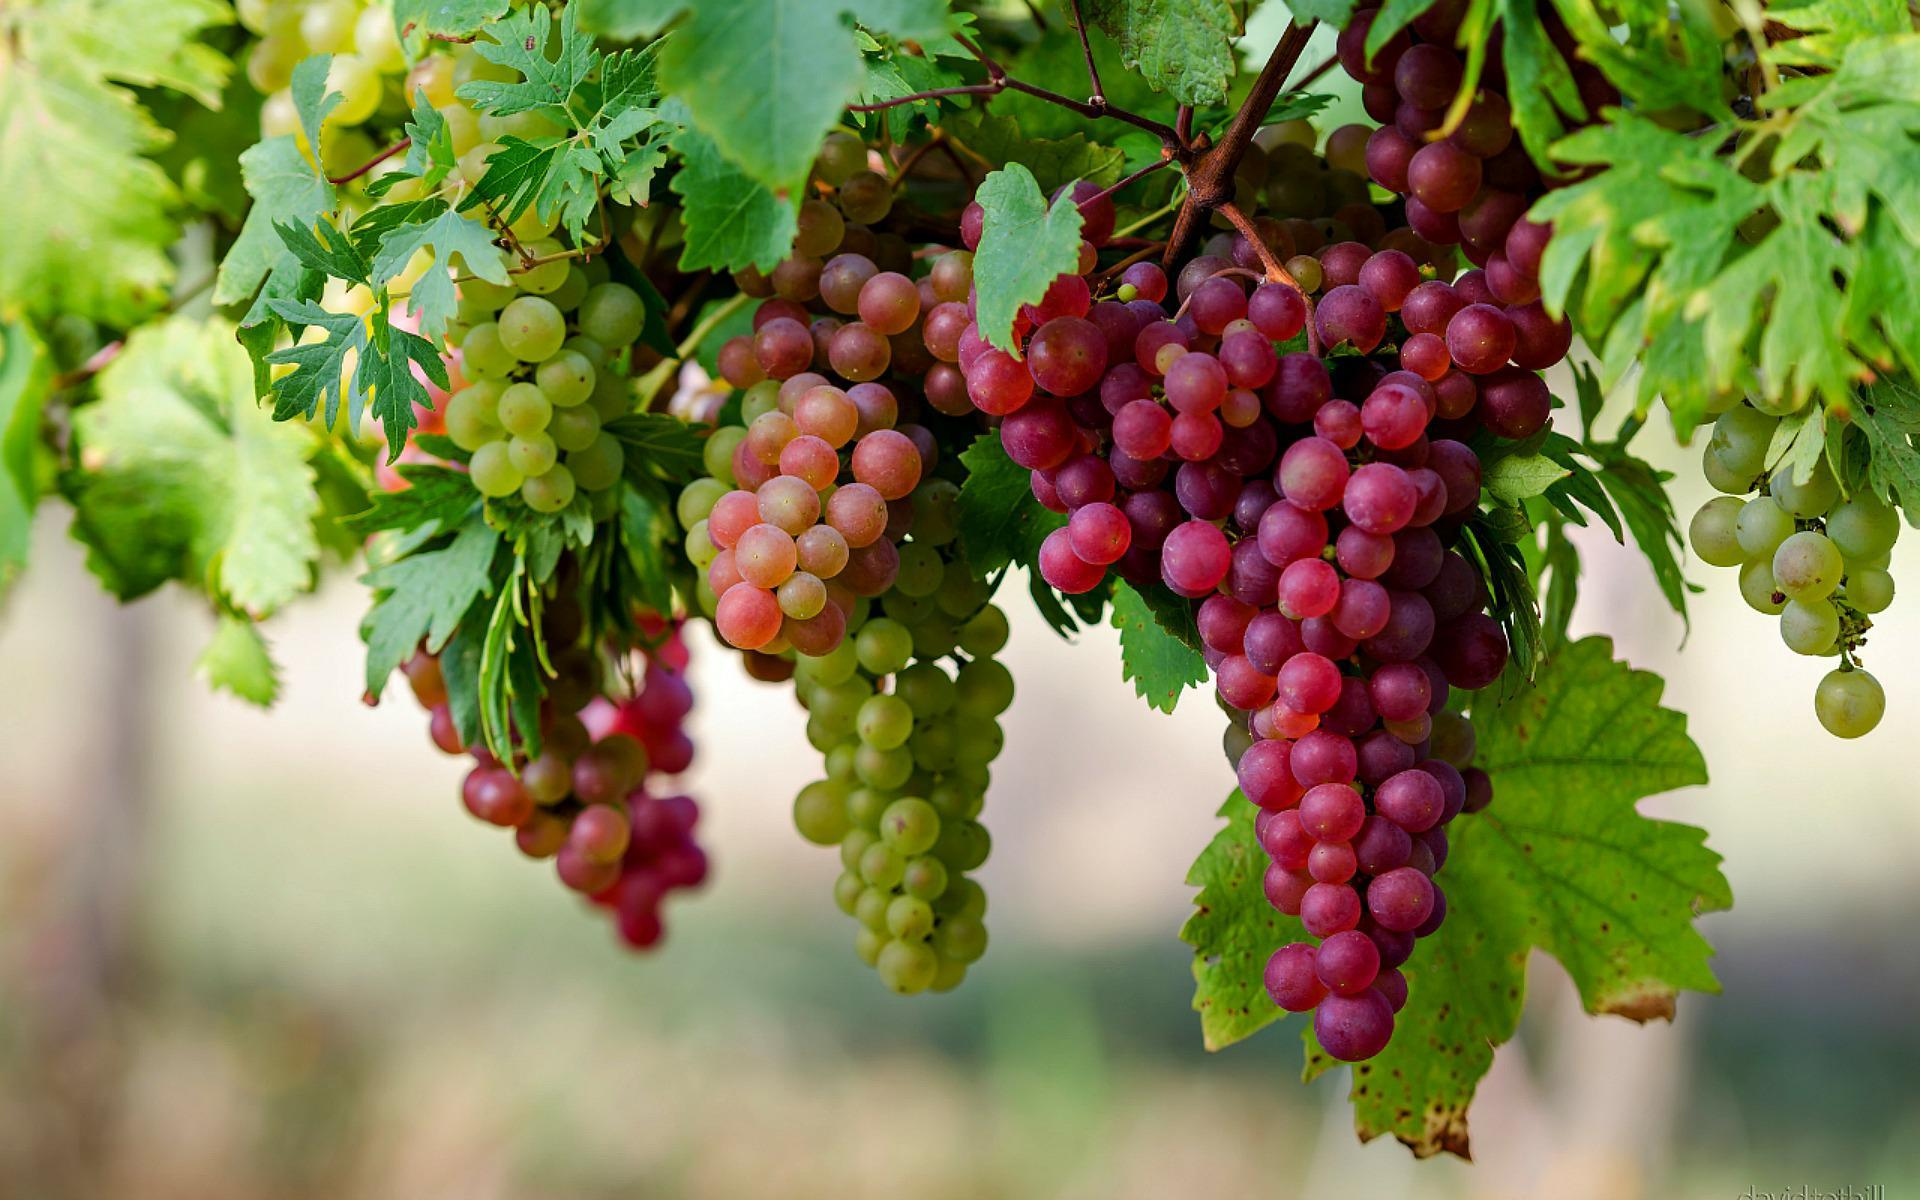 صورة فوائد العنب الاحمر , اهم فوائد اكل العنب الاحمر